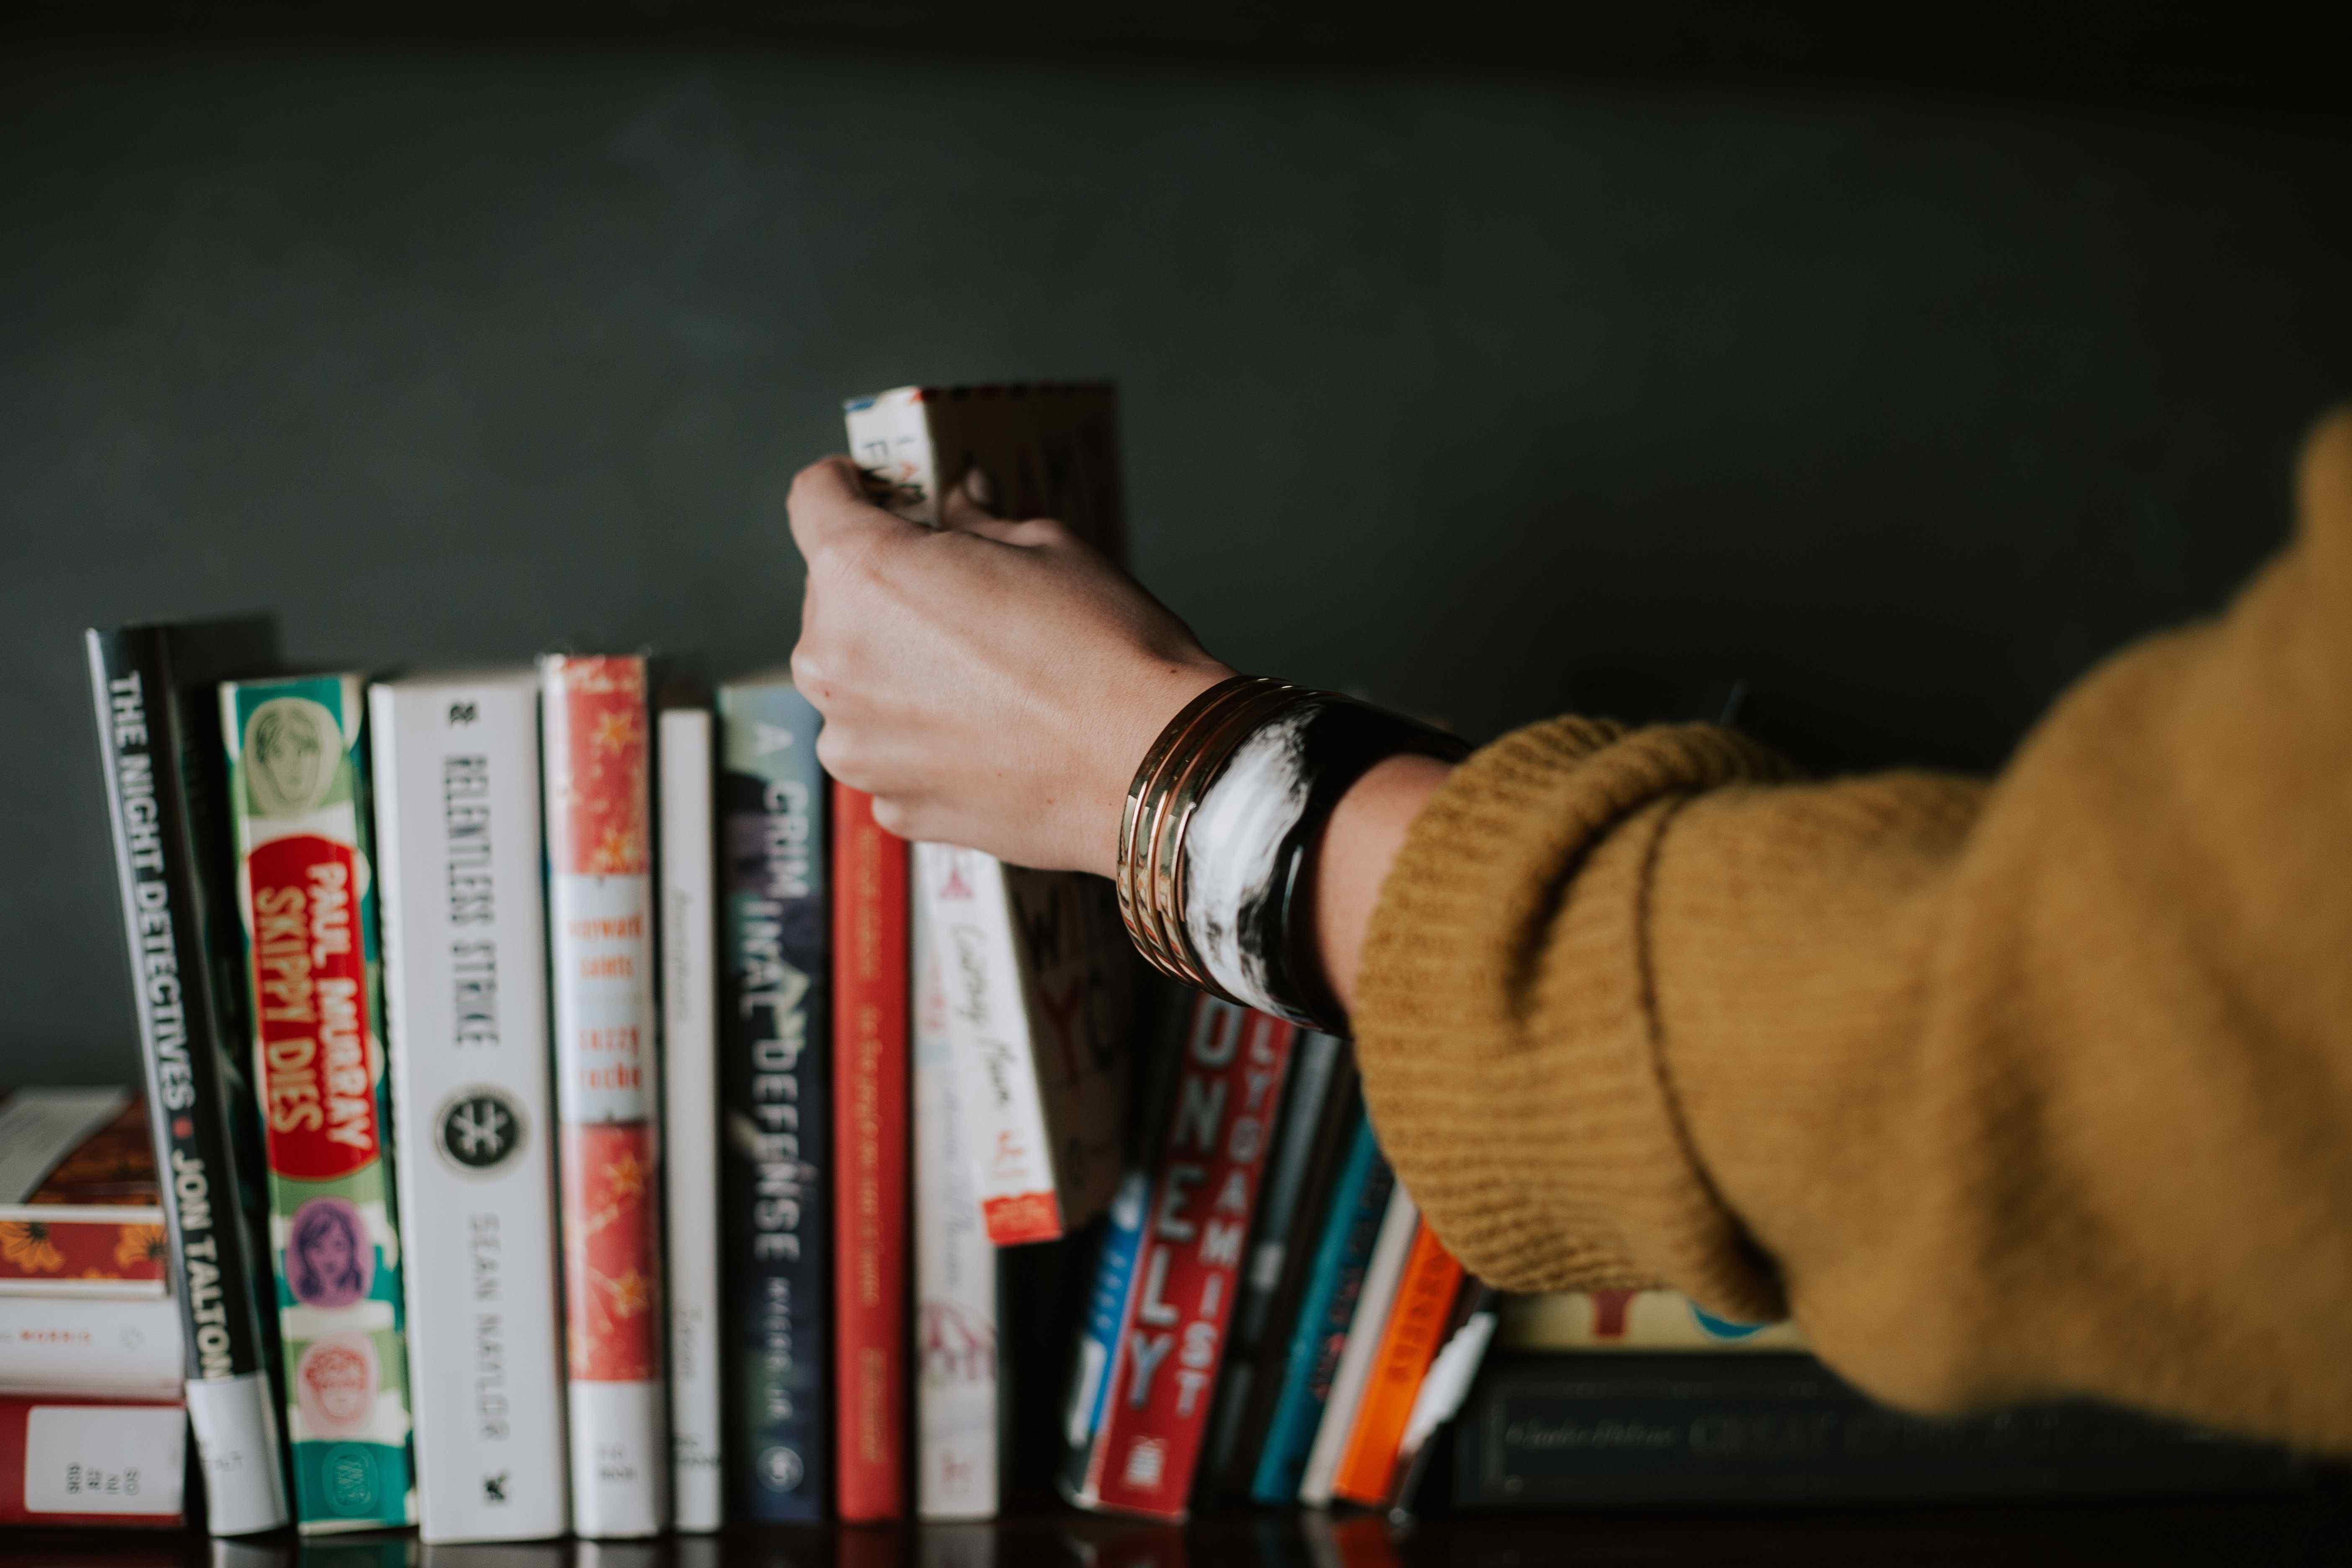 در بمباران اطلاعات بیفایده به خلاصه کتاب ها پناه ببریم